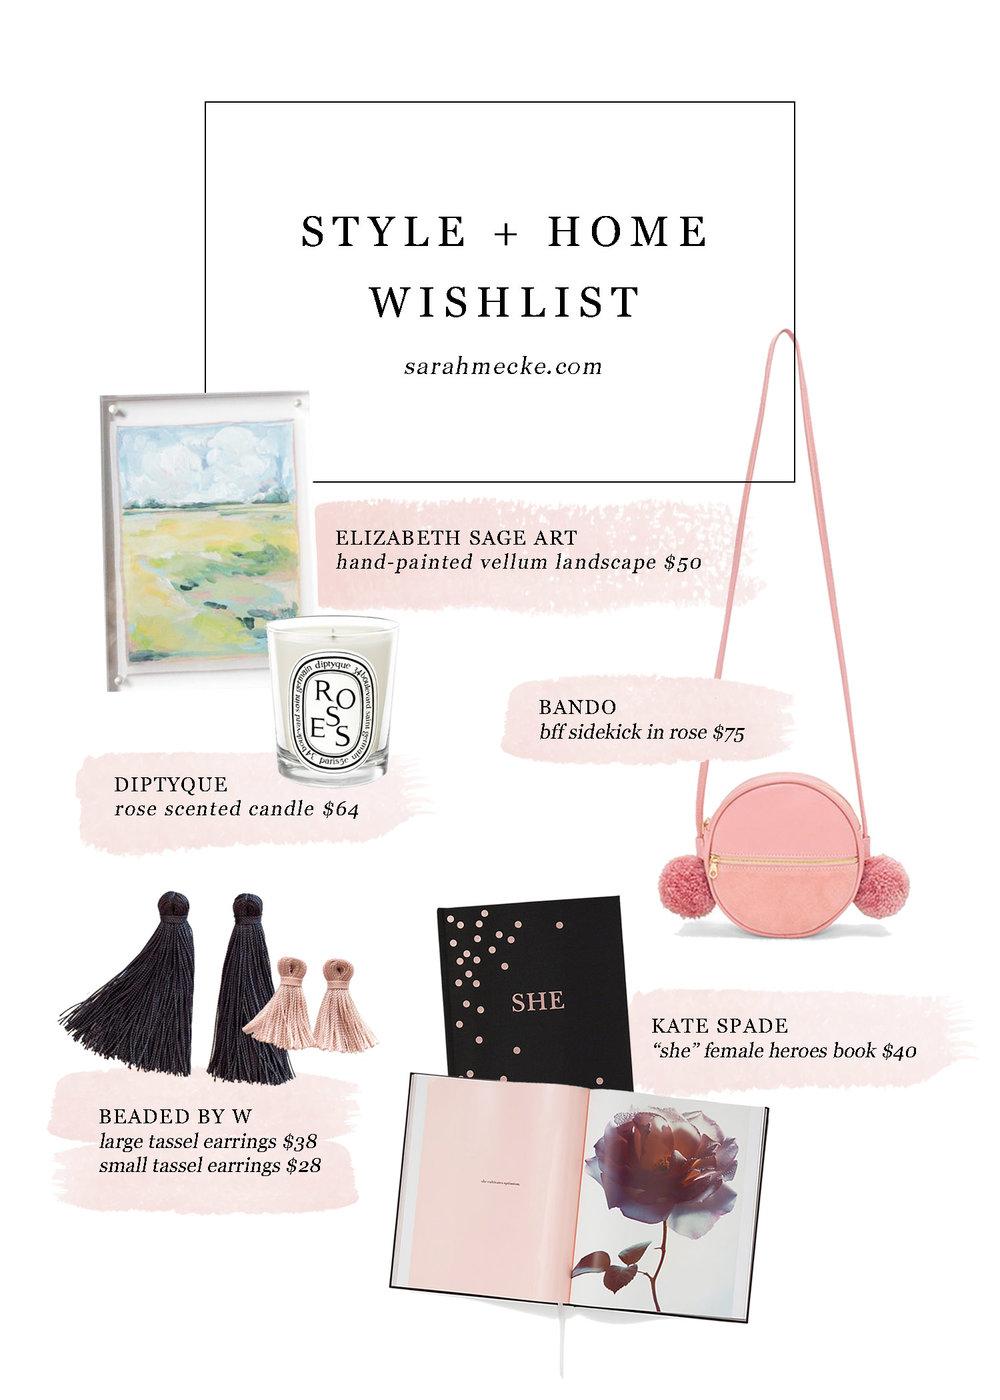 Style + Home Christmas Wishlist // sarahmecke.com